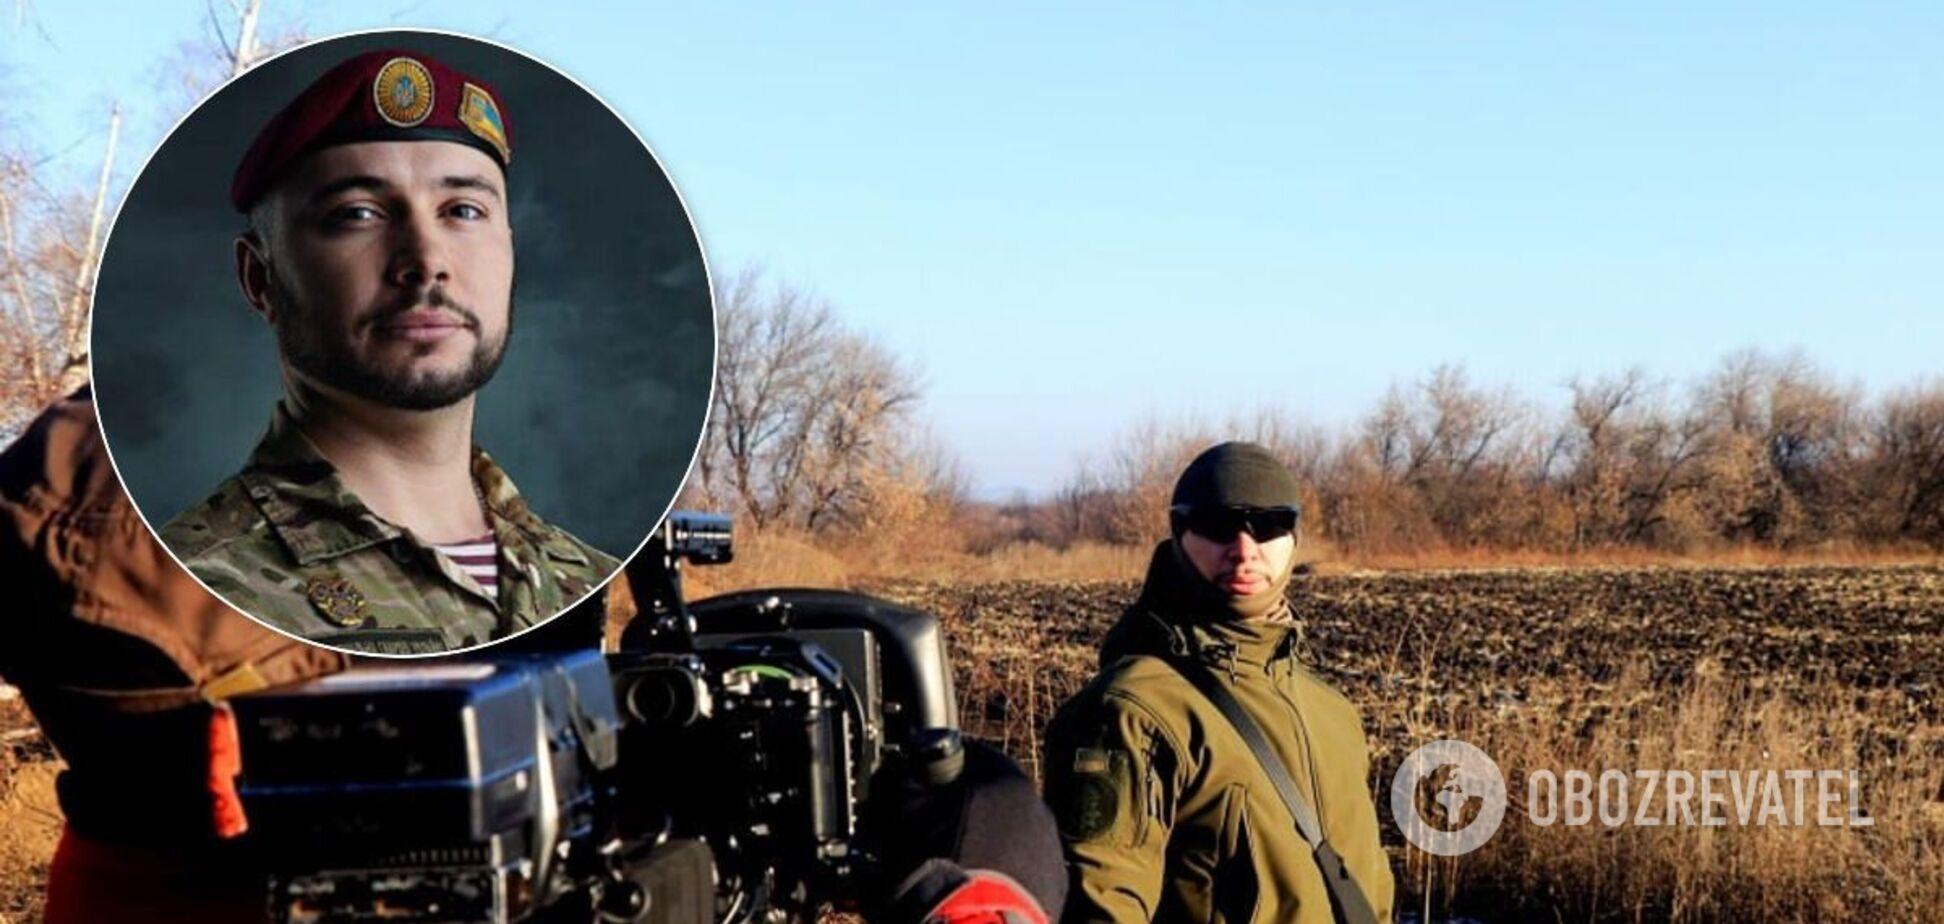 Віталій Марків: італійці зняли фільм про нацгвардійця на Донбасі